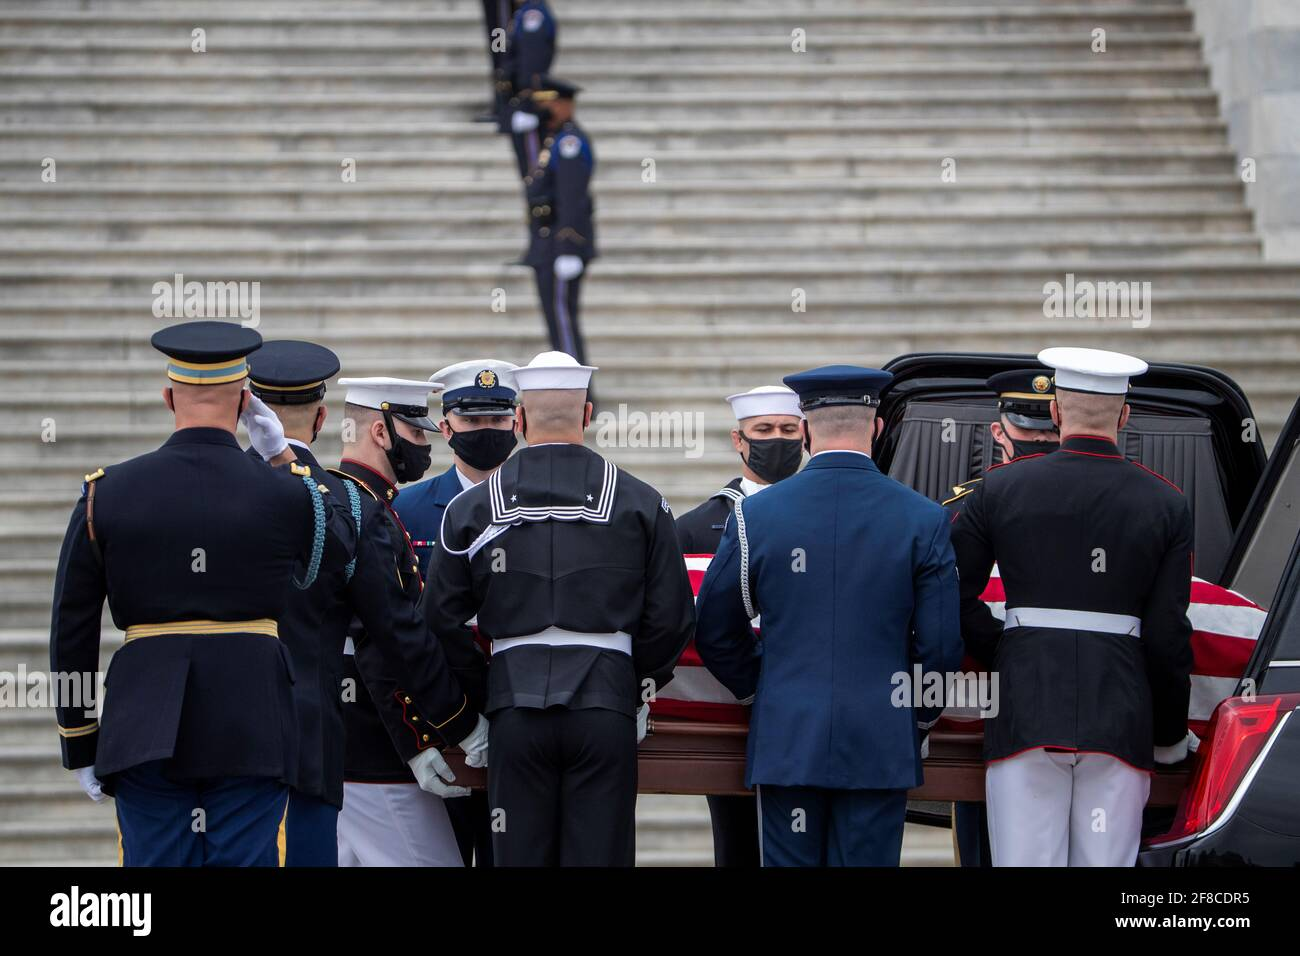 Il cofanetto dell'ufficiale della polizia del Campidoglio degli Stati Uniti William 'Billy' Evans è portato da una guardia d'onore del servizio congiunto nel Campidoglio degli Stati Uniti a Washington, DC, Stati Uniti 13 aprile 2021. Shawn Thew/Pool via REUTERS Foto Stock